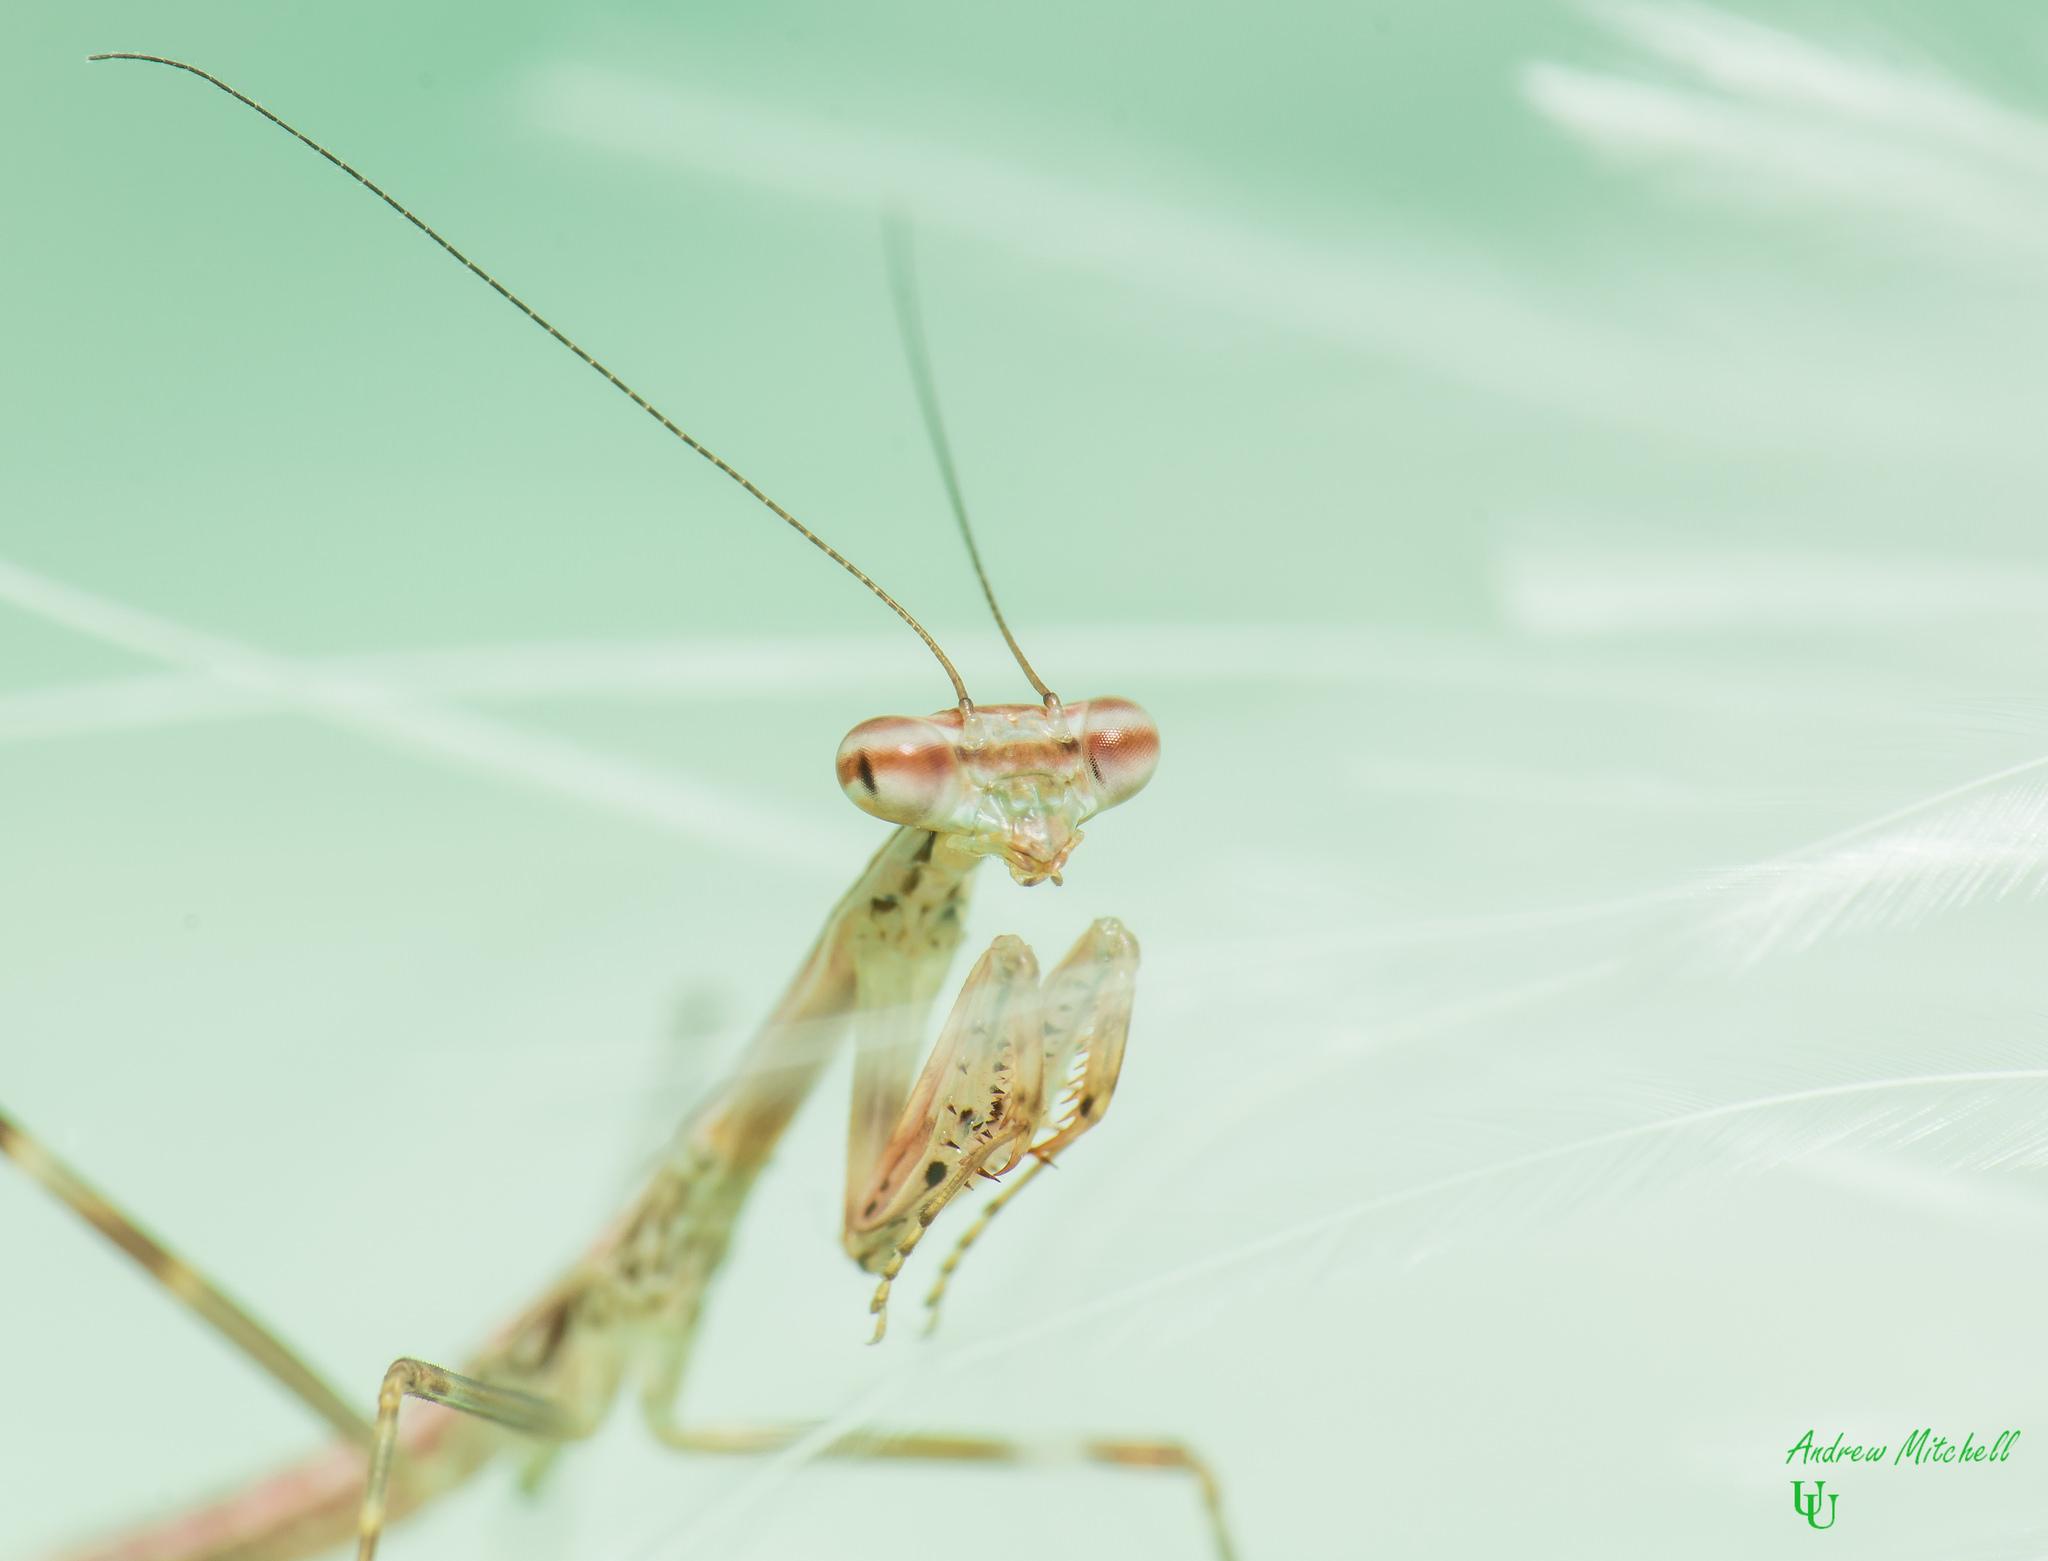 Polyspilota aeruginosa (Madagascan Marbled Mantis)